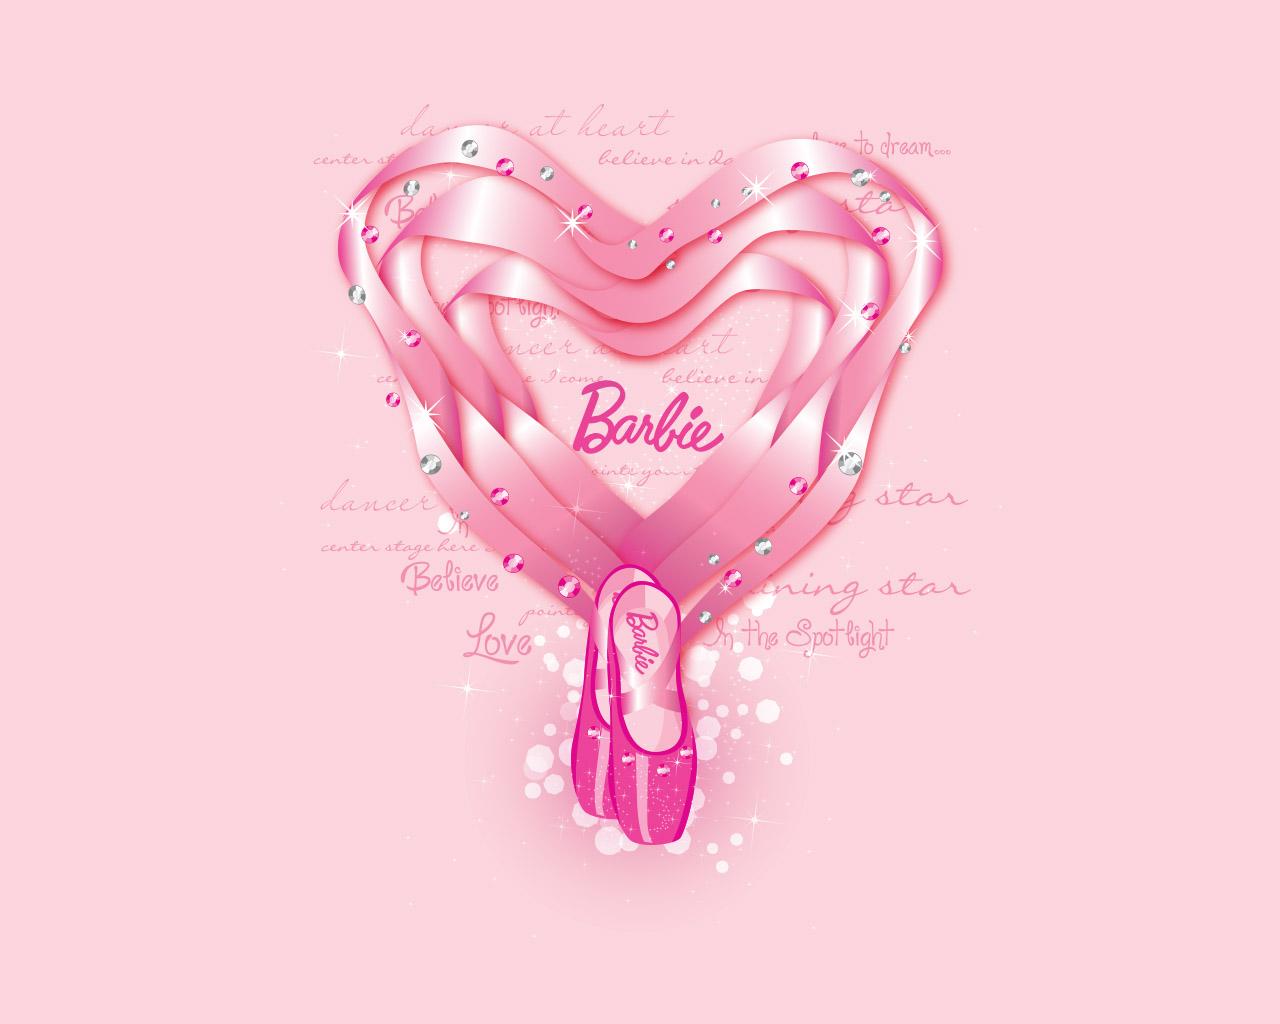 ポップでキュート Barbieのpc スマホ壁紙で女子力up Kutie